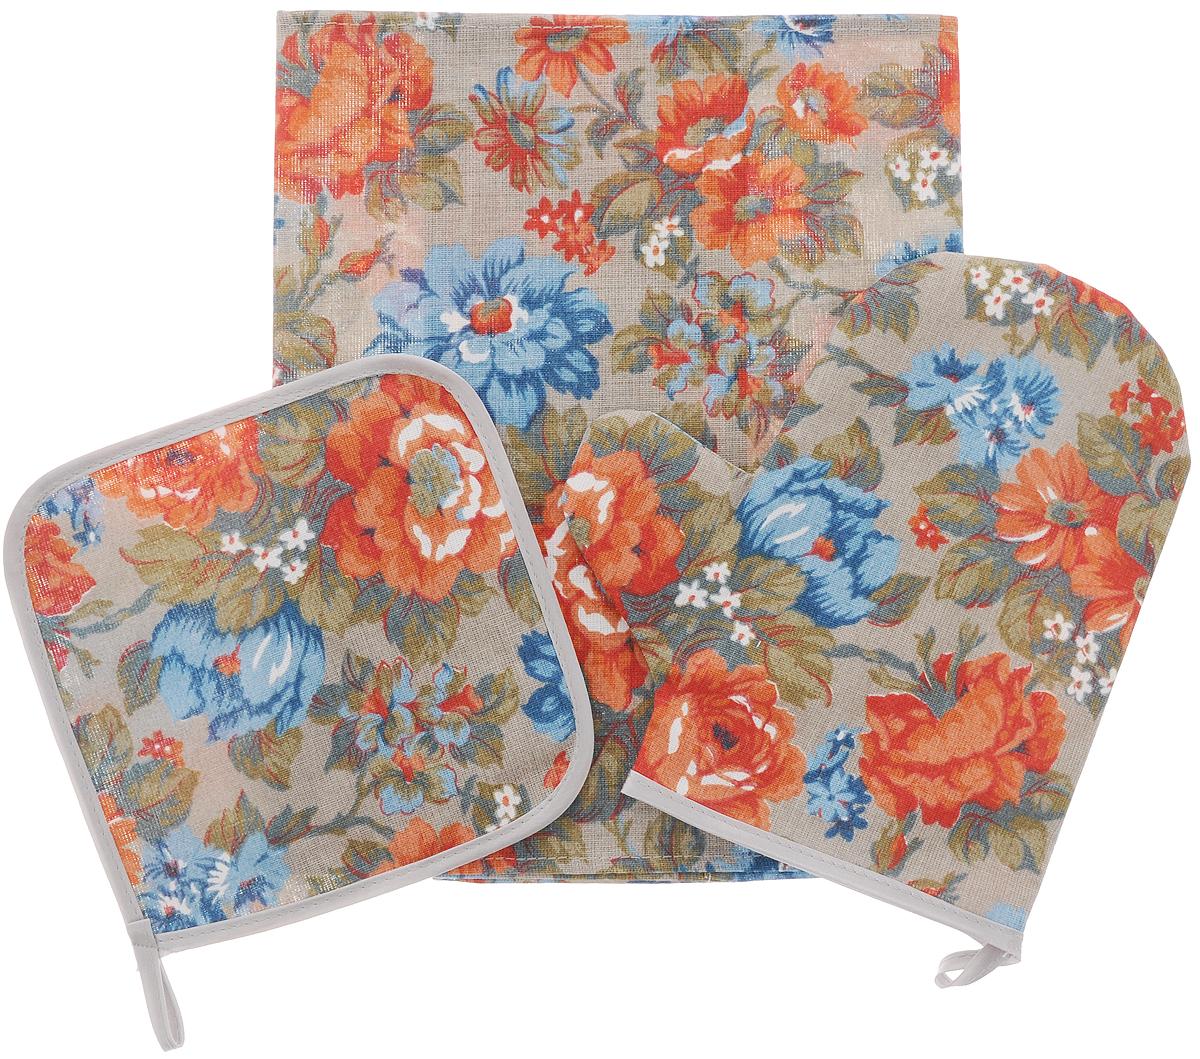 """Кухонный набор Roko """"Маки"""", выполненный из 50% хлопка и  50% льна, состоит из прихватки, прямоугольного полотенца и  прихватки-рукавицы. Предметы набора оформлены  красочным принтом.  Полотенце прекрасно впитывает влагу, легко стирается,  хорошо сохраняет форму и цвет. Прихватки удобные, мягкие и  практичные. Они защитят ваши руки и предотвратят  появление ожогов. С помощью текстильной петельки  прихватки можно подвесить на крючок. Такой комплект прекрасно сочетается с фартуком, скатертью  и силиконовой рукавицей в аналогичном дизайне, что делает  его стильным и полезным подарком для каждой хозяйки.  Кухонный набор Roko """"Маки"""" станет незаменимым  помощником на вашей кухне. Яркий и оригинальный дизайн  вдохновит вас на новые кулинарные шедевры.  Размер полотенца: 60 х 30 см.  Размер прихватки: 17 х 17 см.  Размер варежки-прихватки: 22,5 х 20 см."""